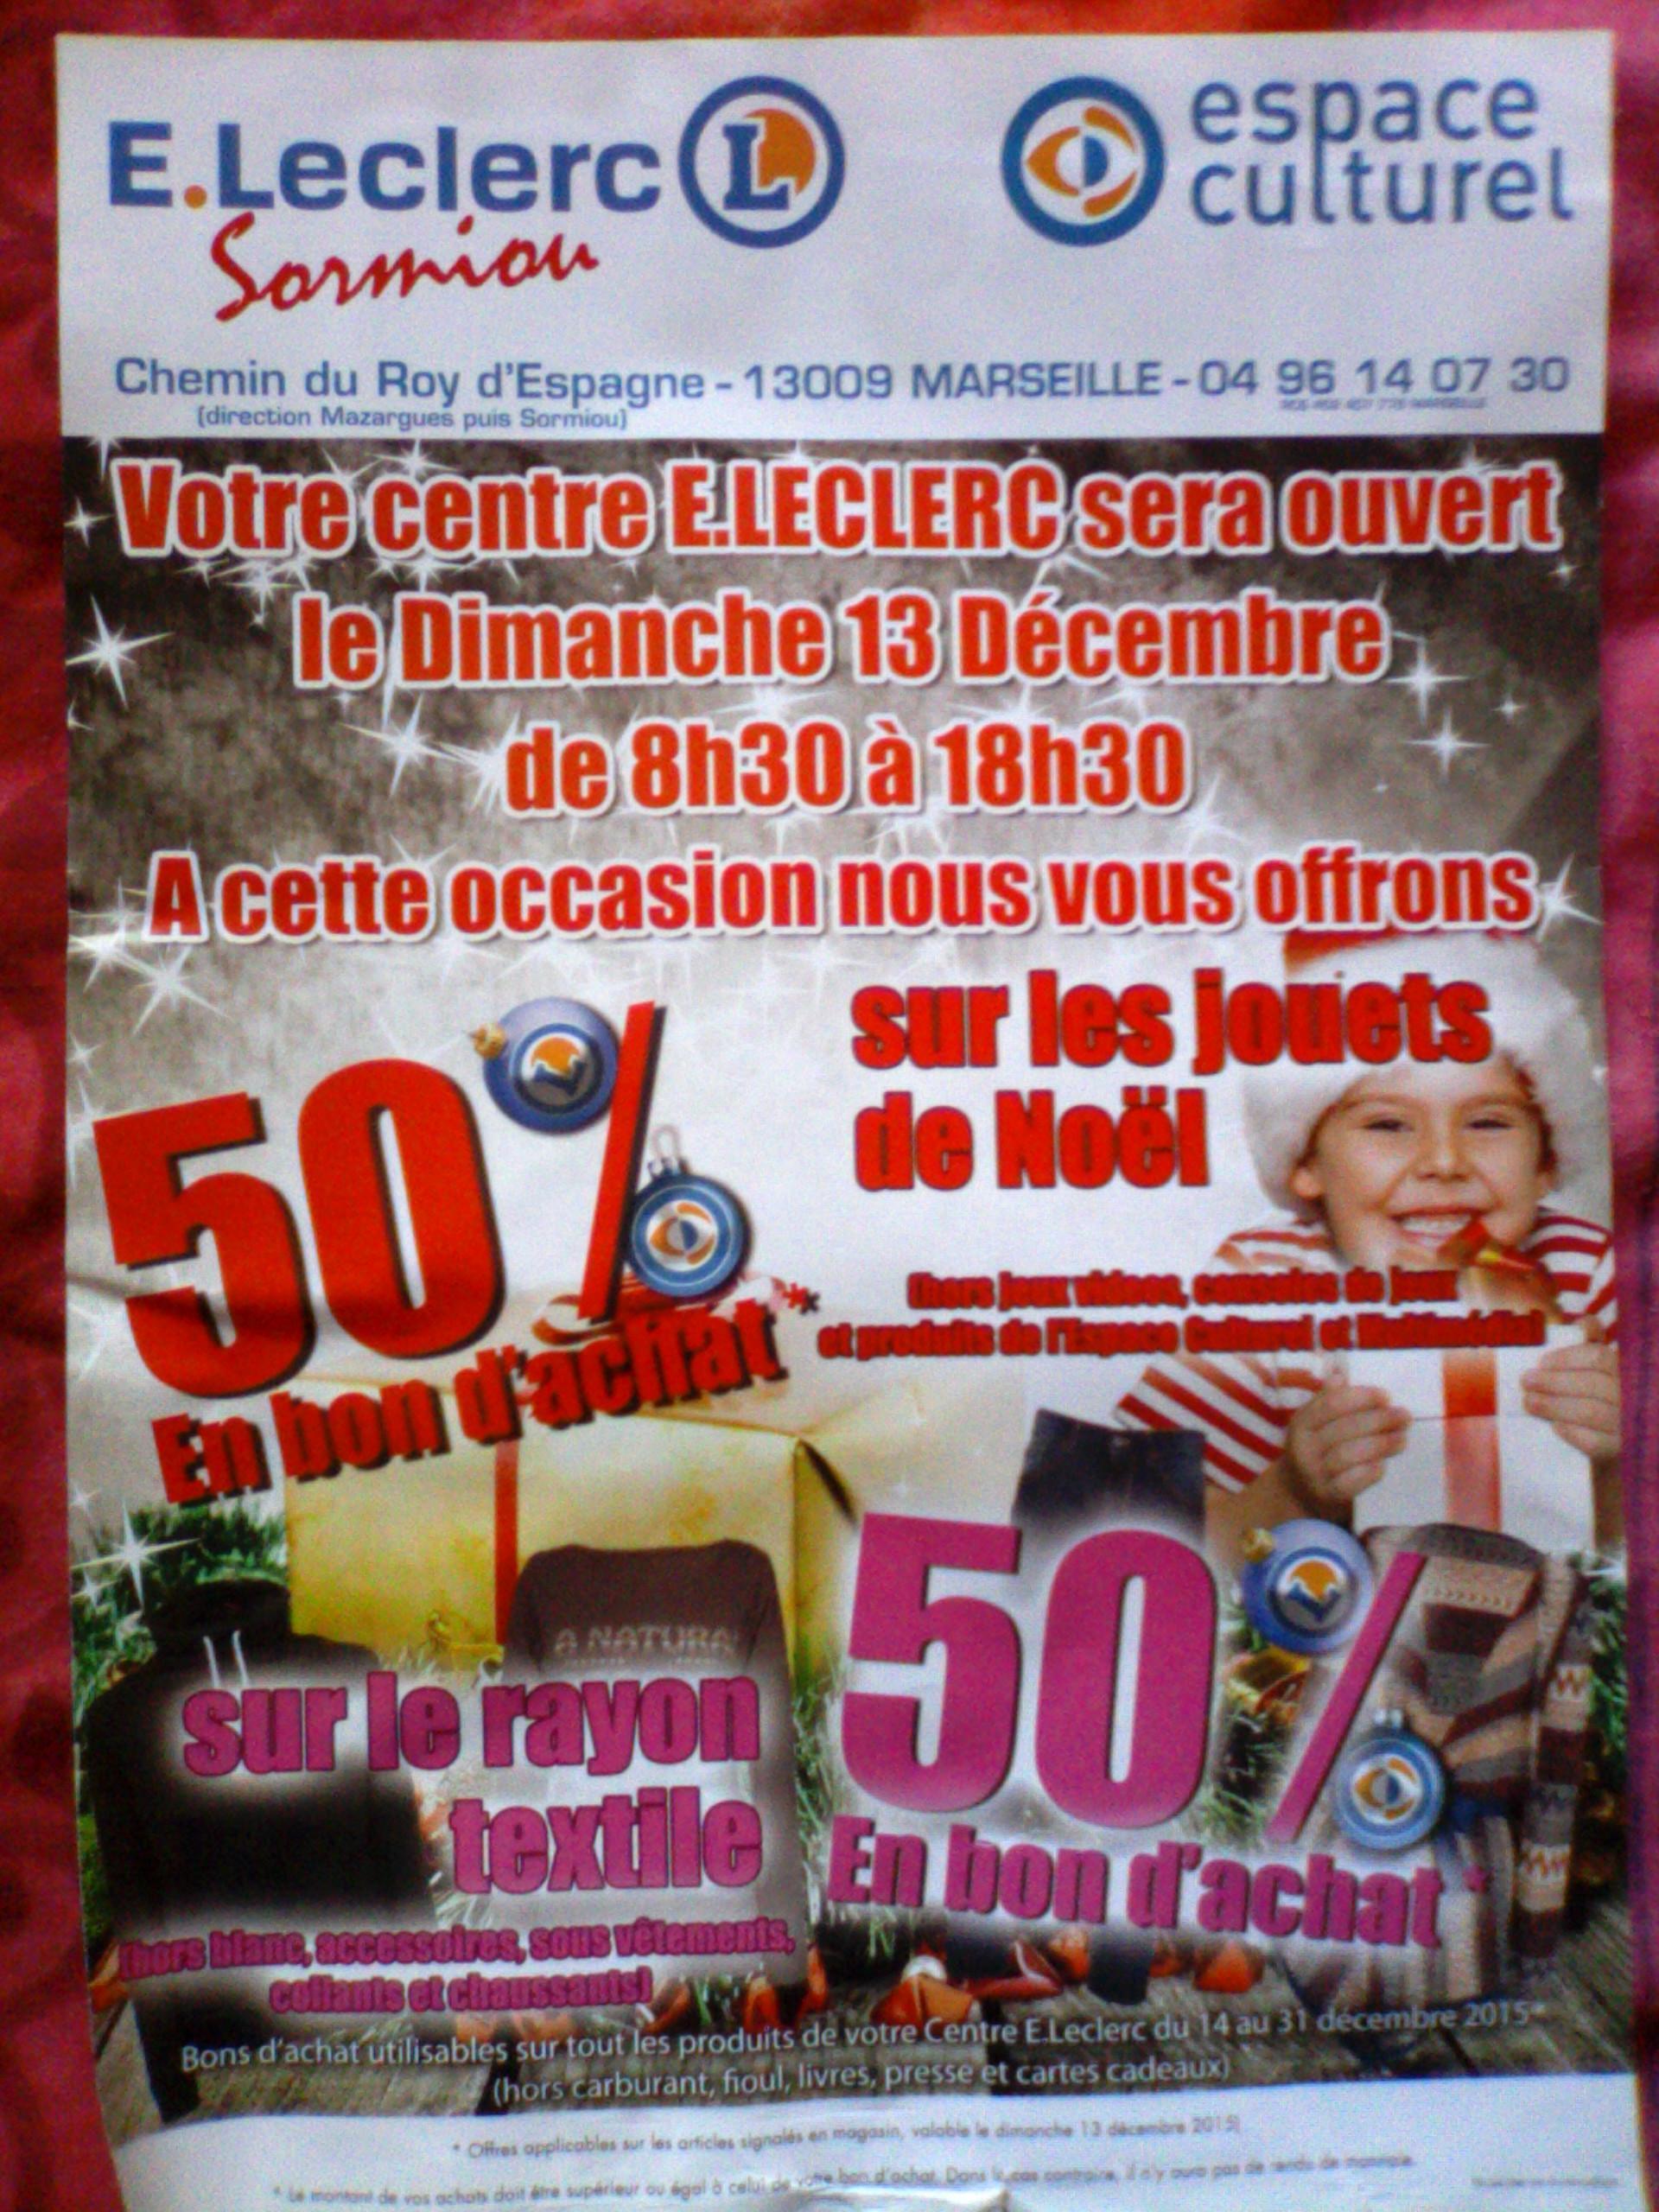 50% offerts en bon d'achat sur tous les jouets et le textile en magasin - Ex :  Saute qui peut (avec 10€ ODR)